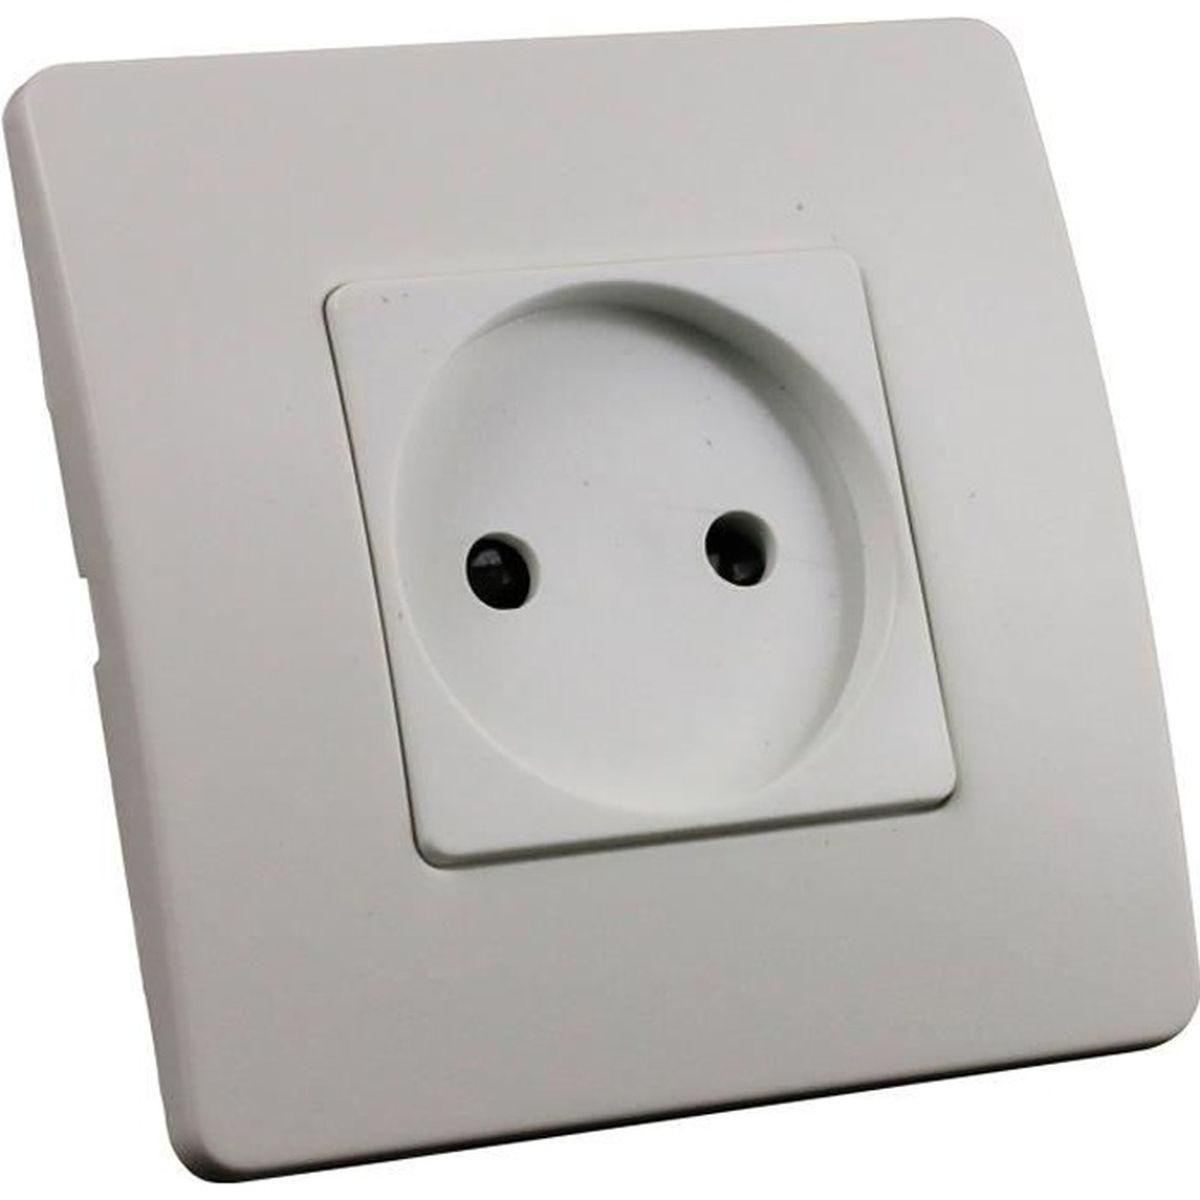 FONTINI GARBY Prise sans terre Porcelaine Blanche 16A-250V R/éf 30205173